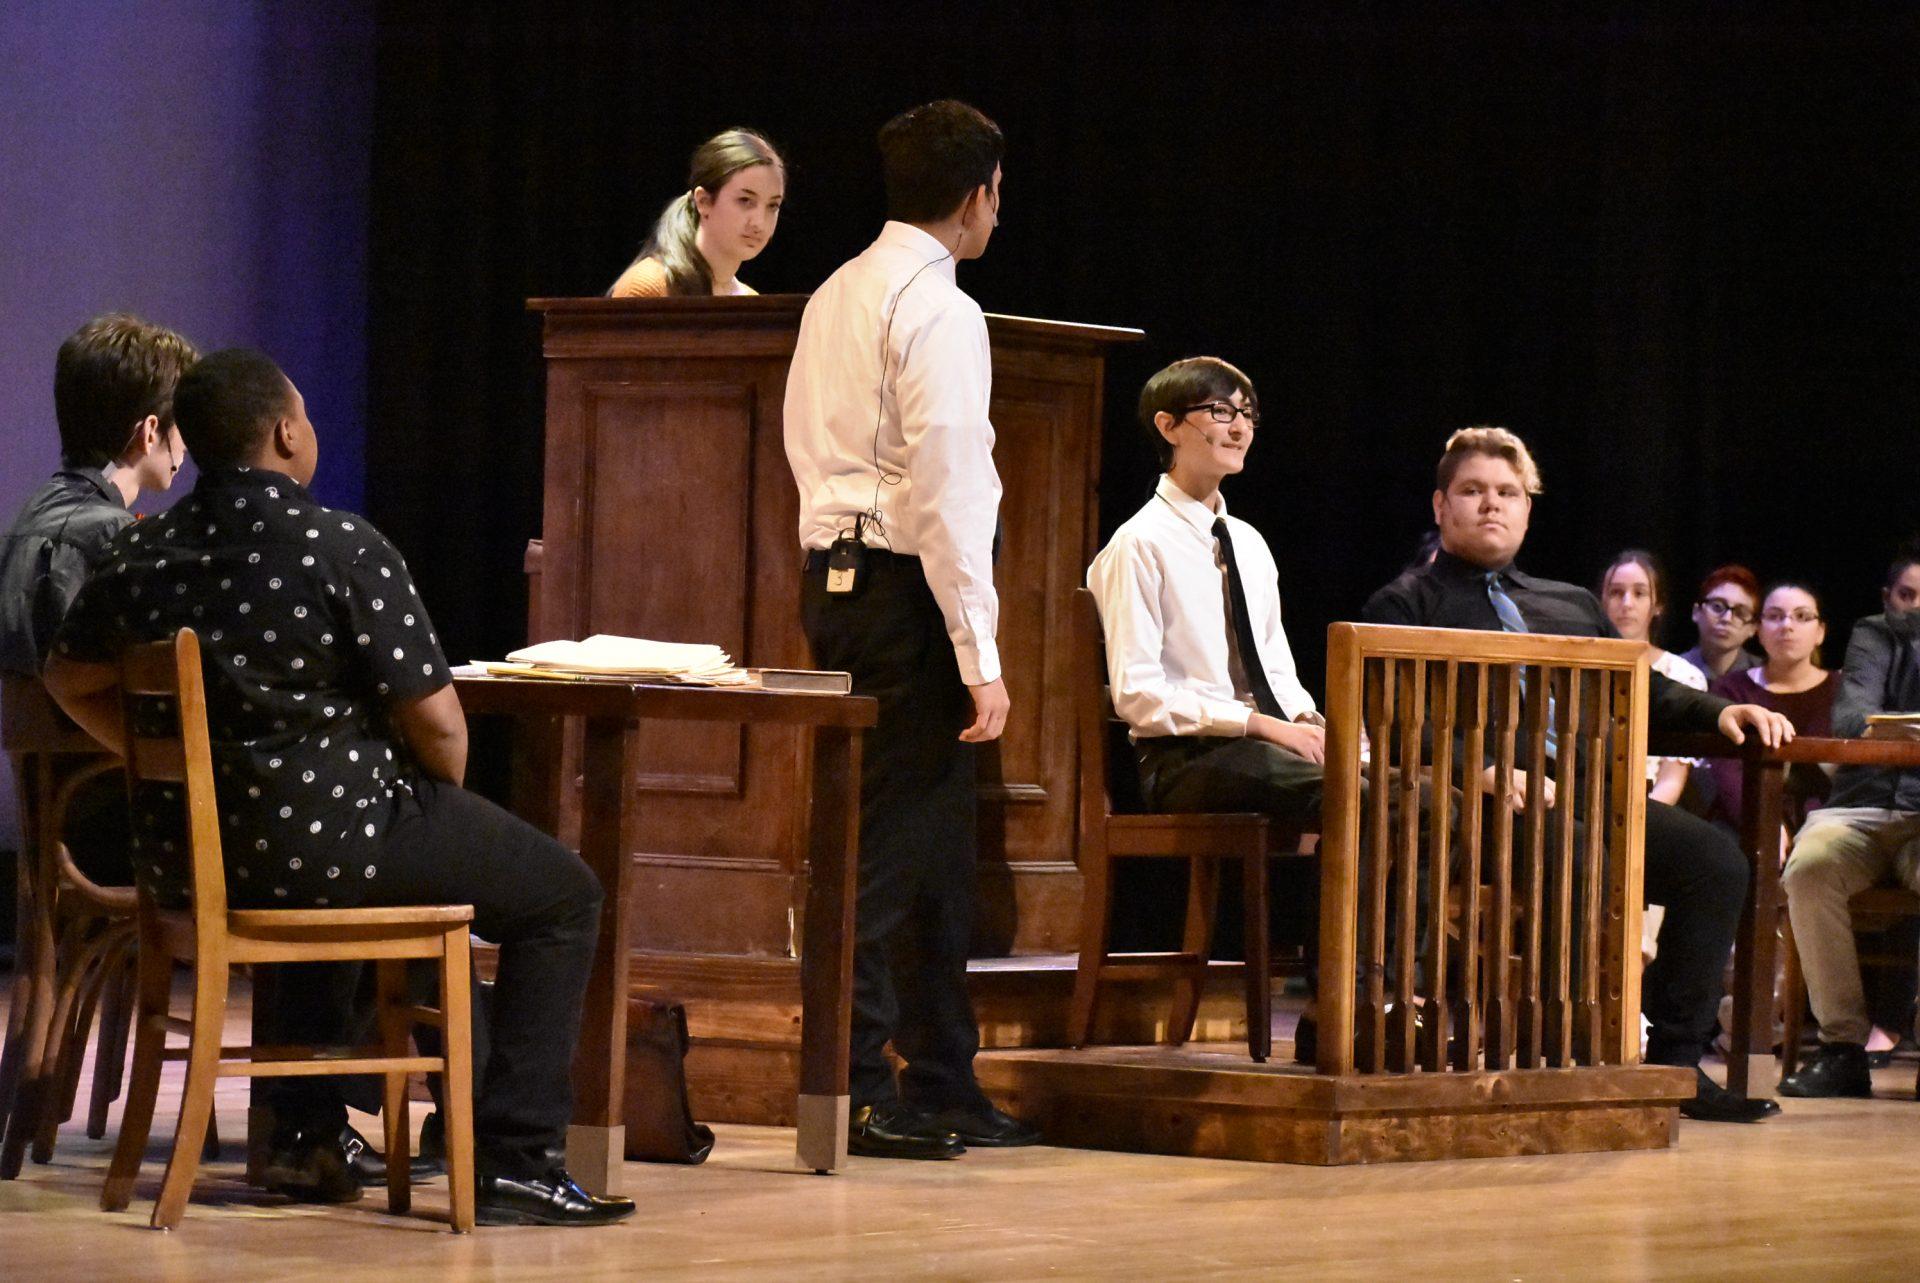 VTTC Actors on Stage debating